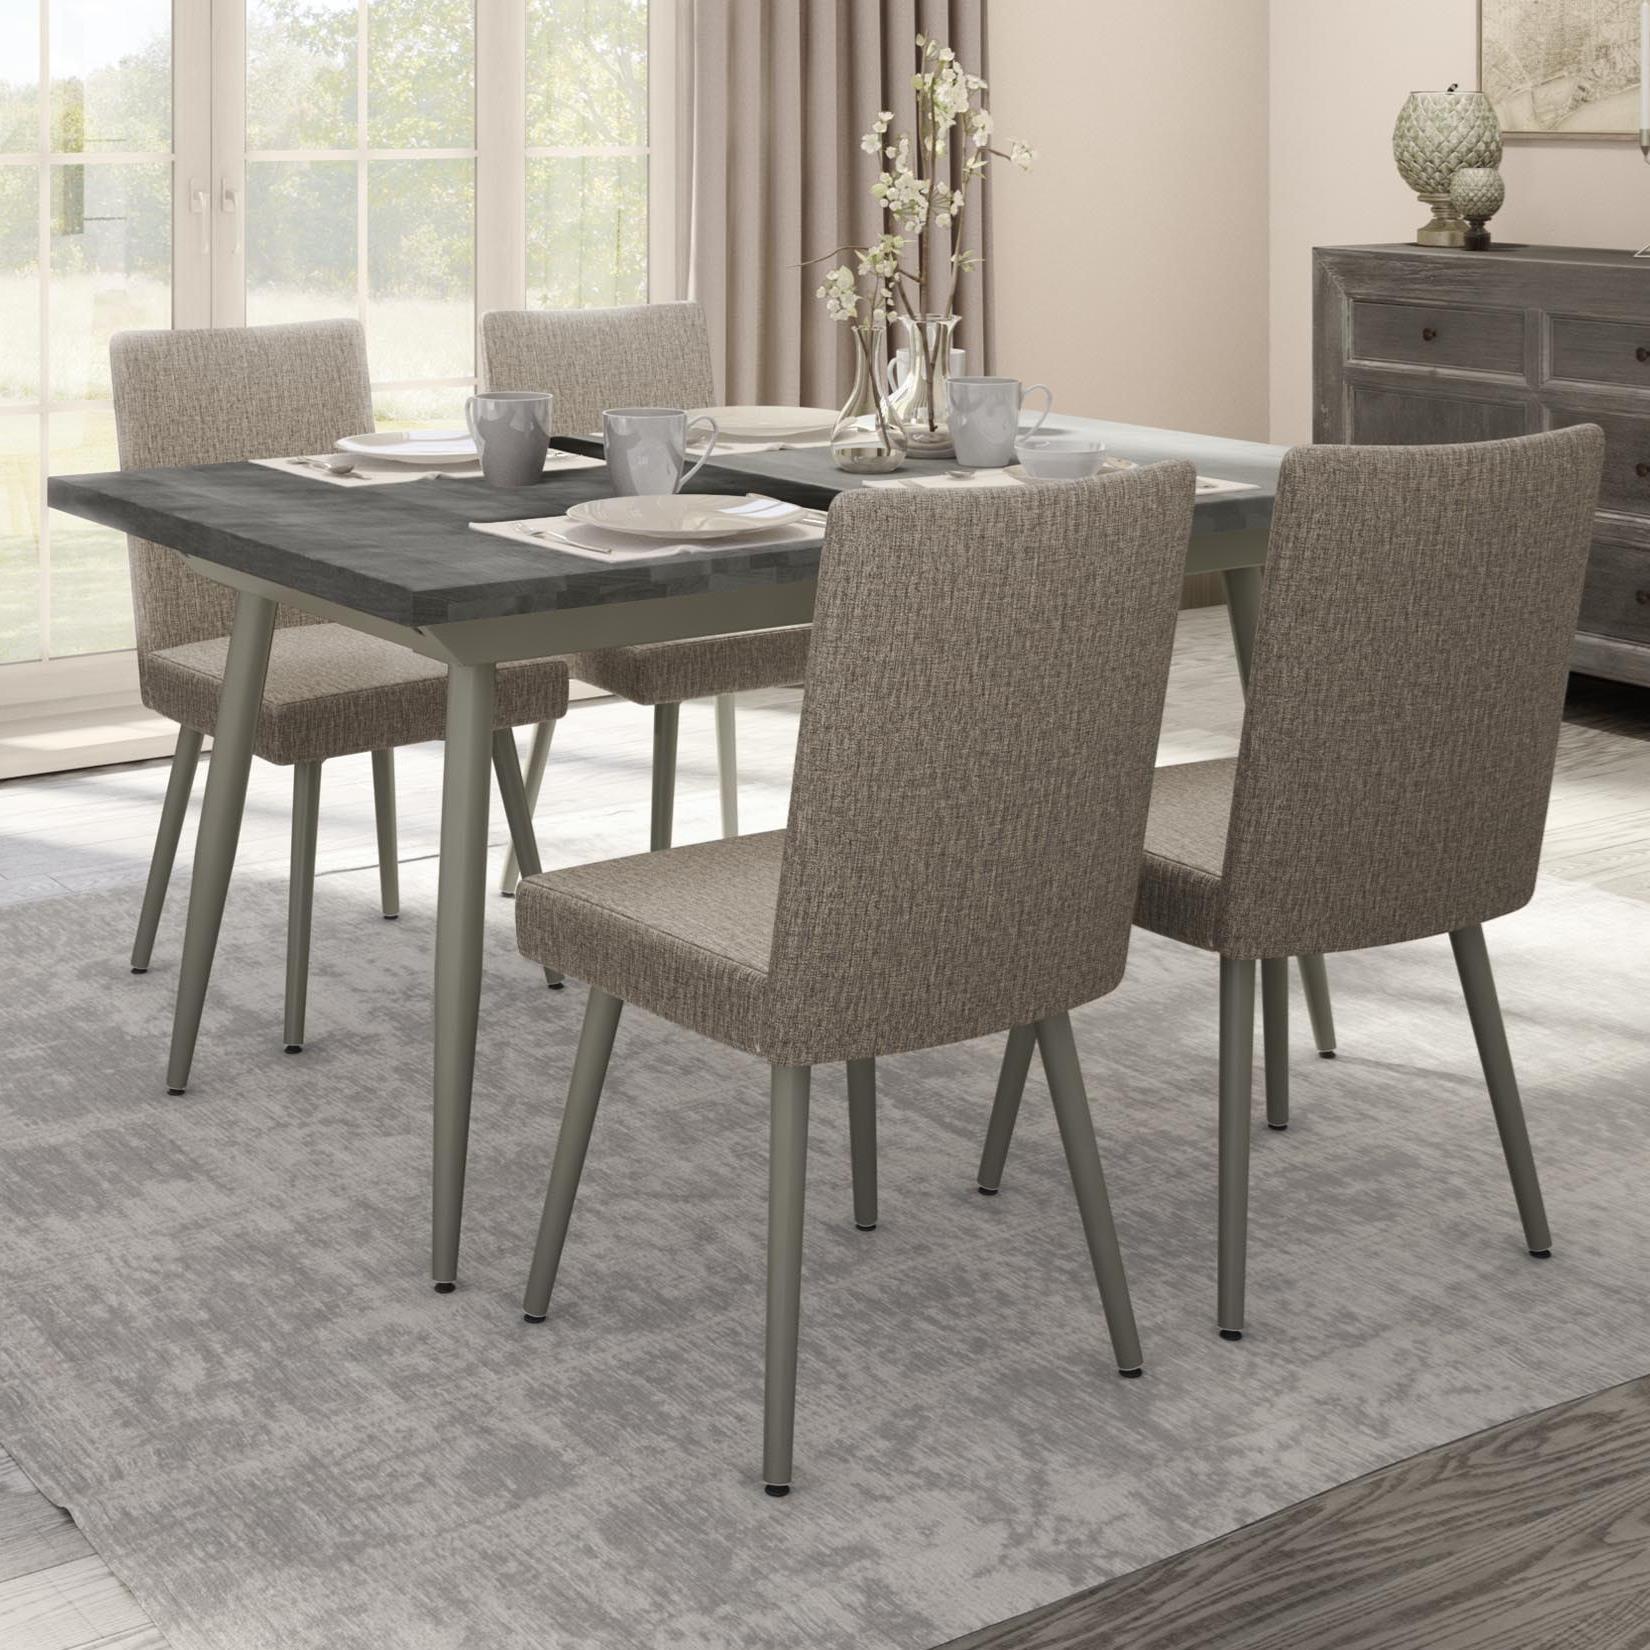 5-Piece Belleville Extendable Table Set